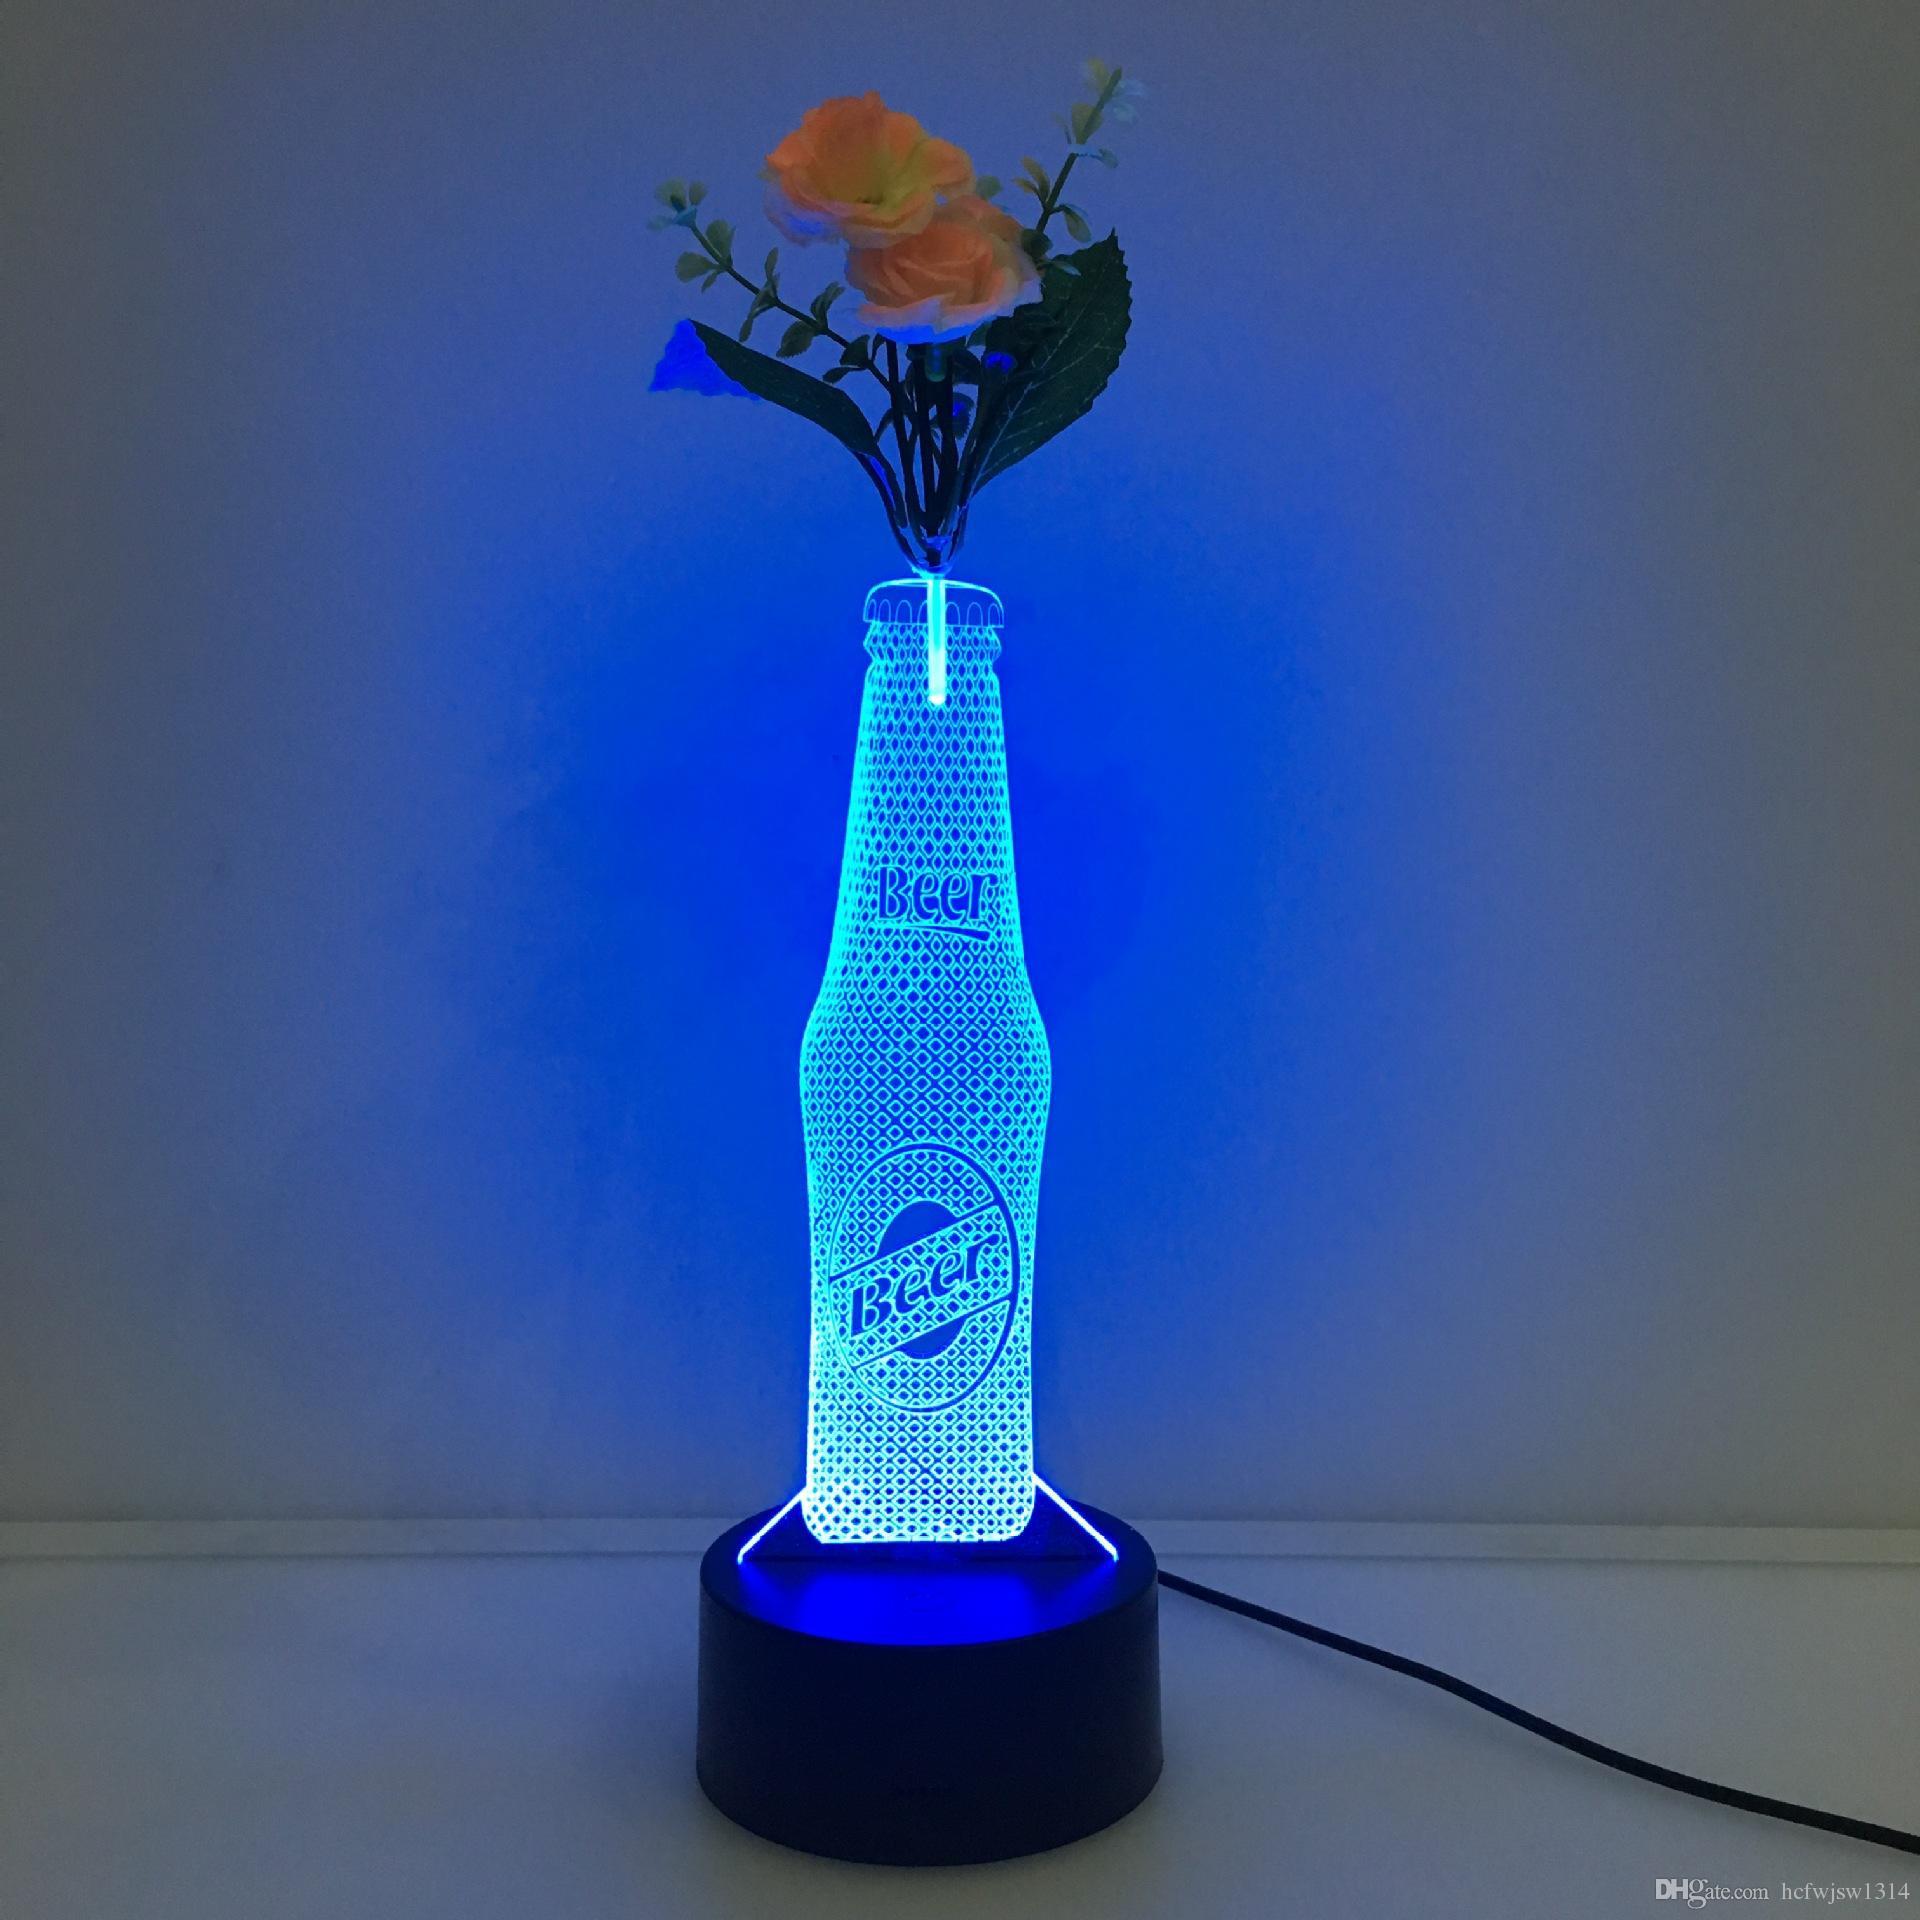 acrylic rectangle vase of new wine bottle led vase stereo light colorful acrylic 3d night intended for new wine bottle led vase stereo light colorful acrylic 3d night light gift table lamp